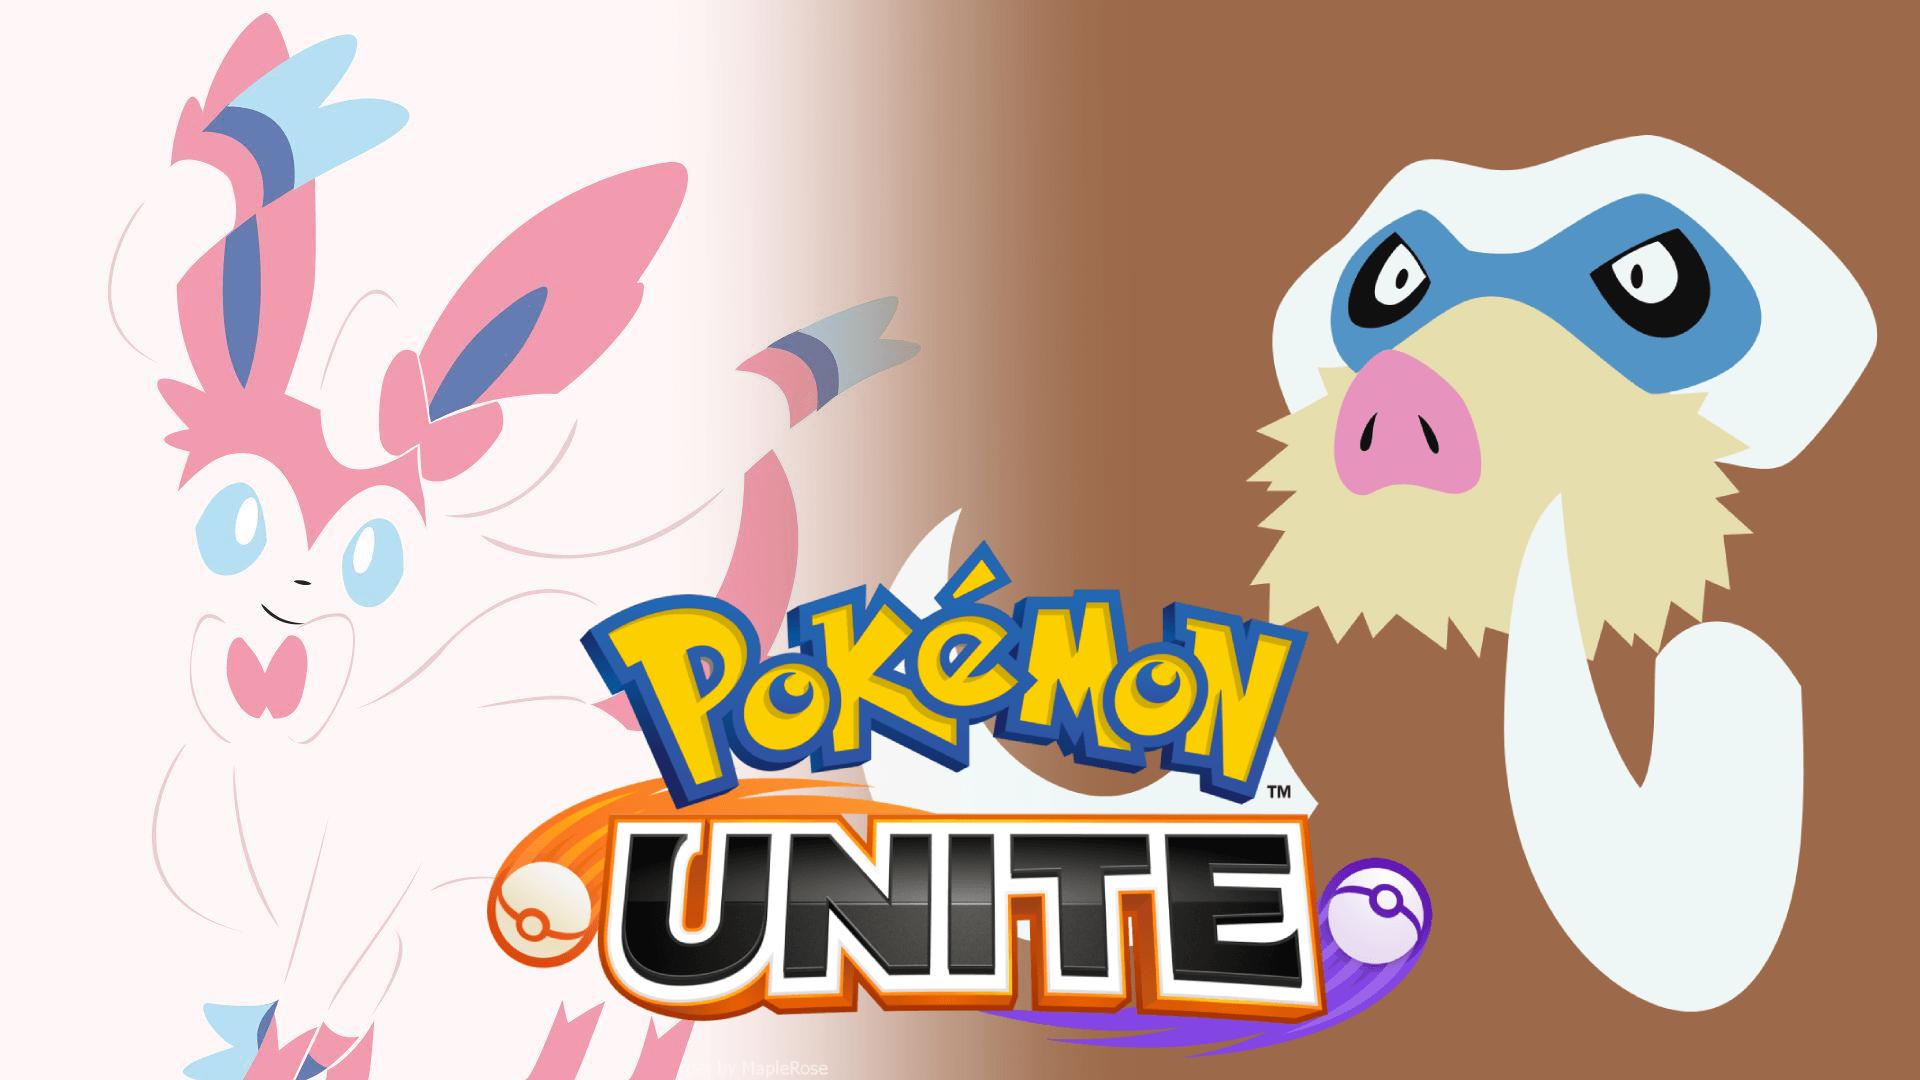 Sylveon Mamoswine Pokémon Unite